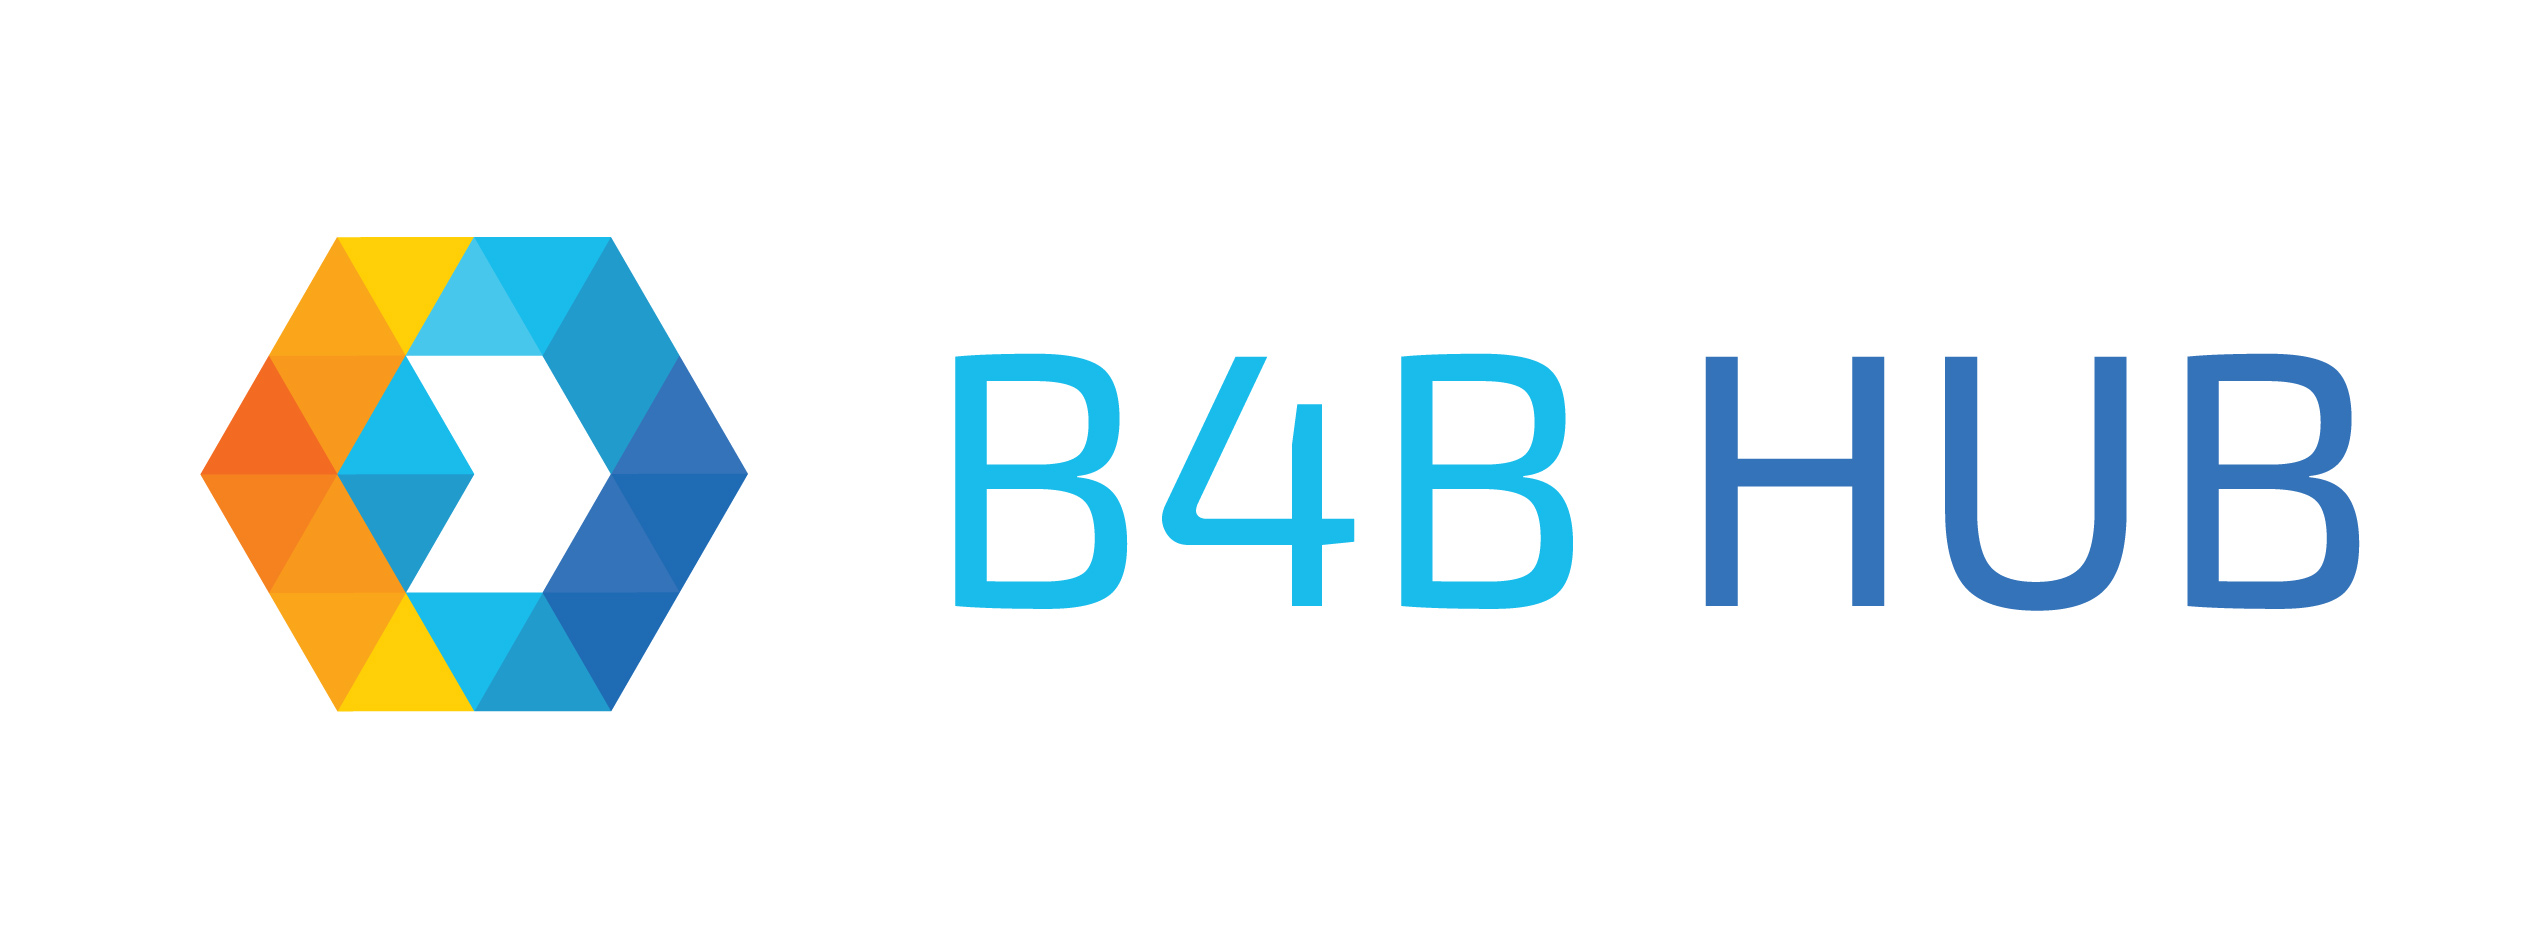 b4bhub_logo.jpg